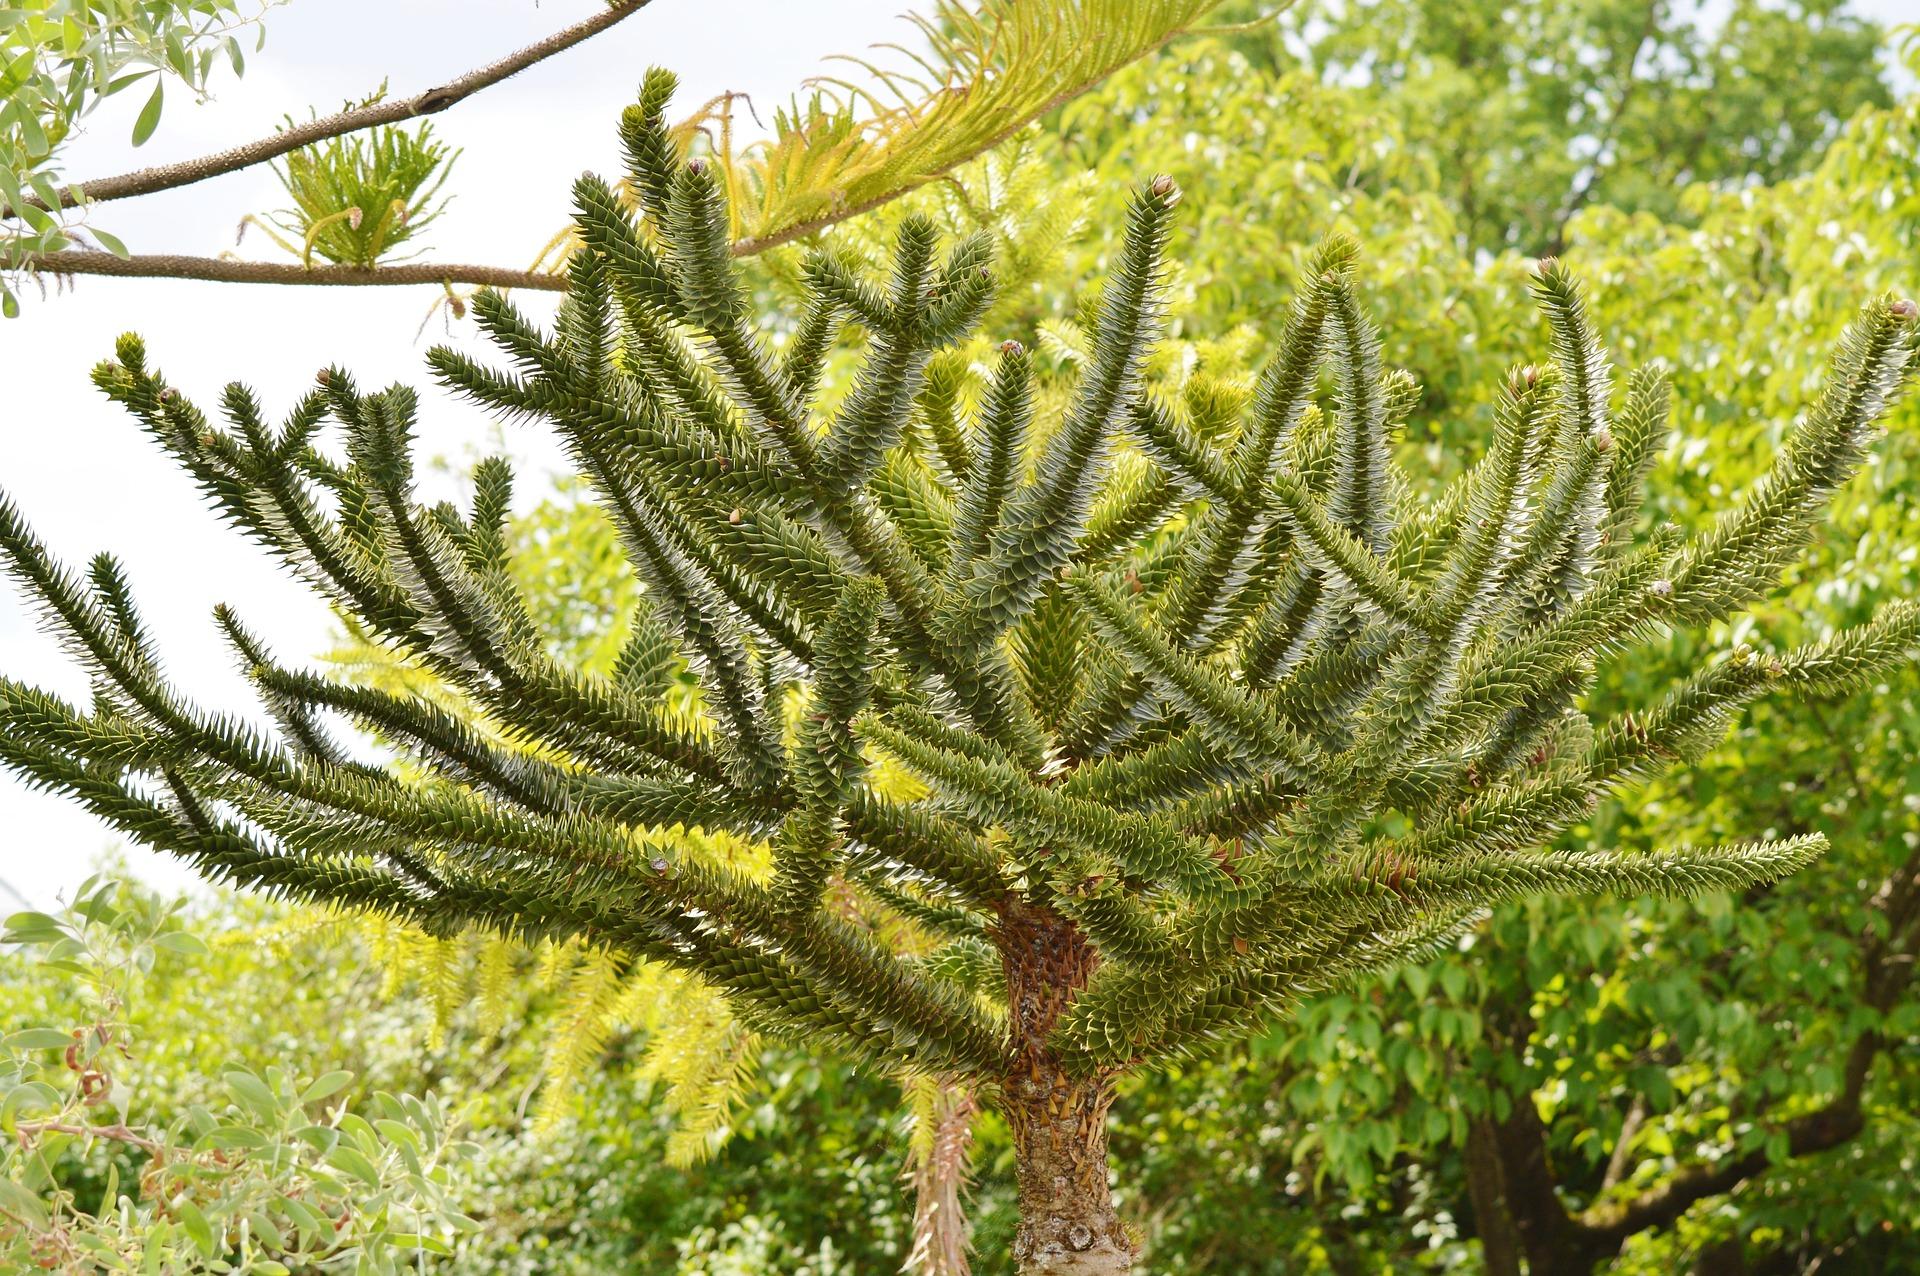 La Araucaria o Pehuén es una especie arbórea perteneciente al género de coníferas. Es endémica del distrito del Pehuén de los bosques subantárticos, en el extremo noroeste de la Patagonia argentina y en el centro-sur de Chile, por toda la Región de la Araucanía, el sur del Biobío y el norte de Los Ríos. Es el árbol nacional chileno.